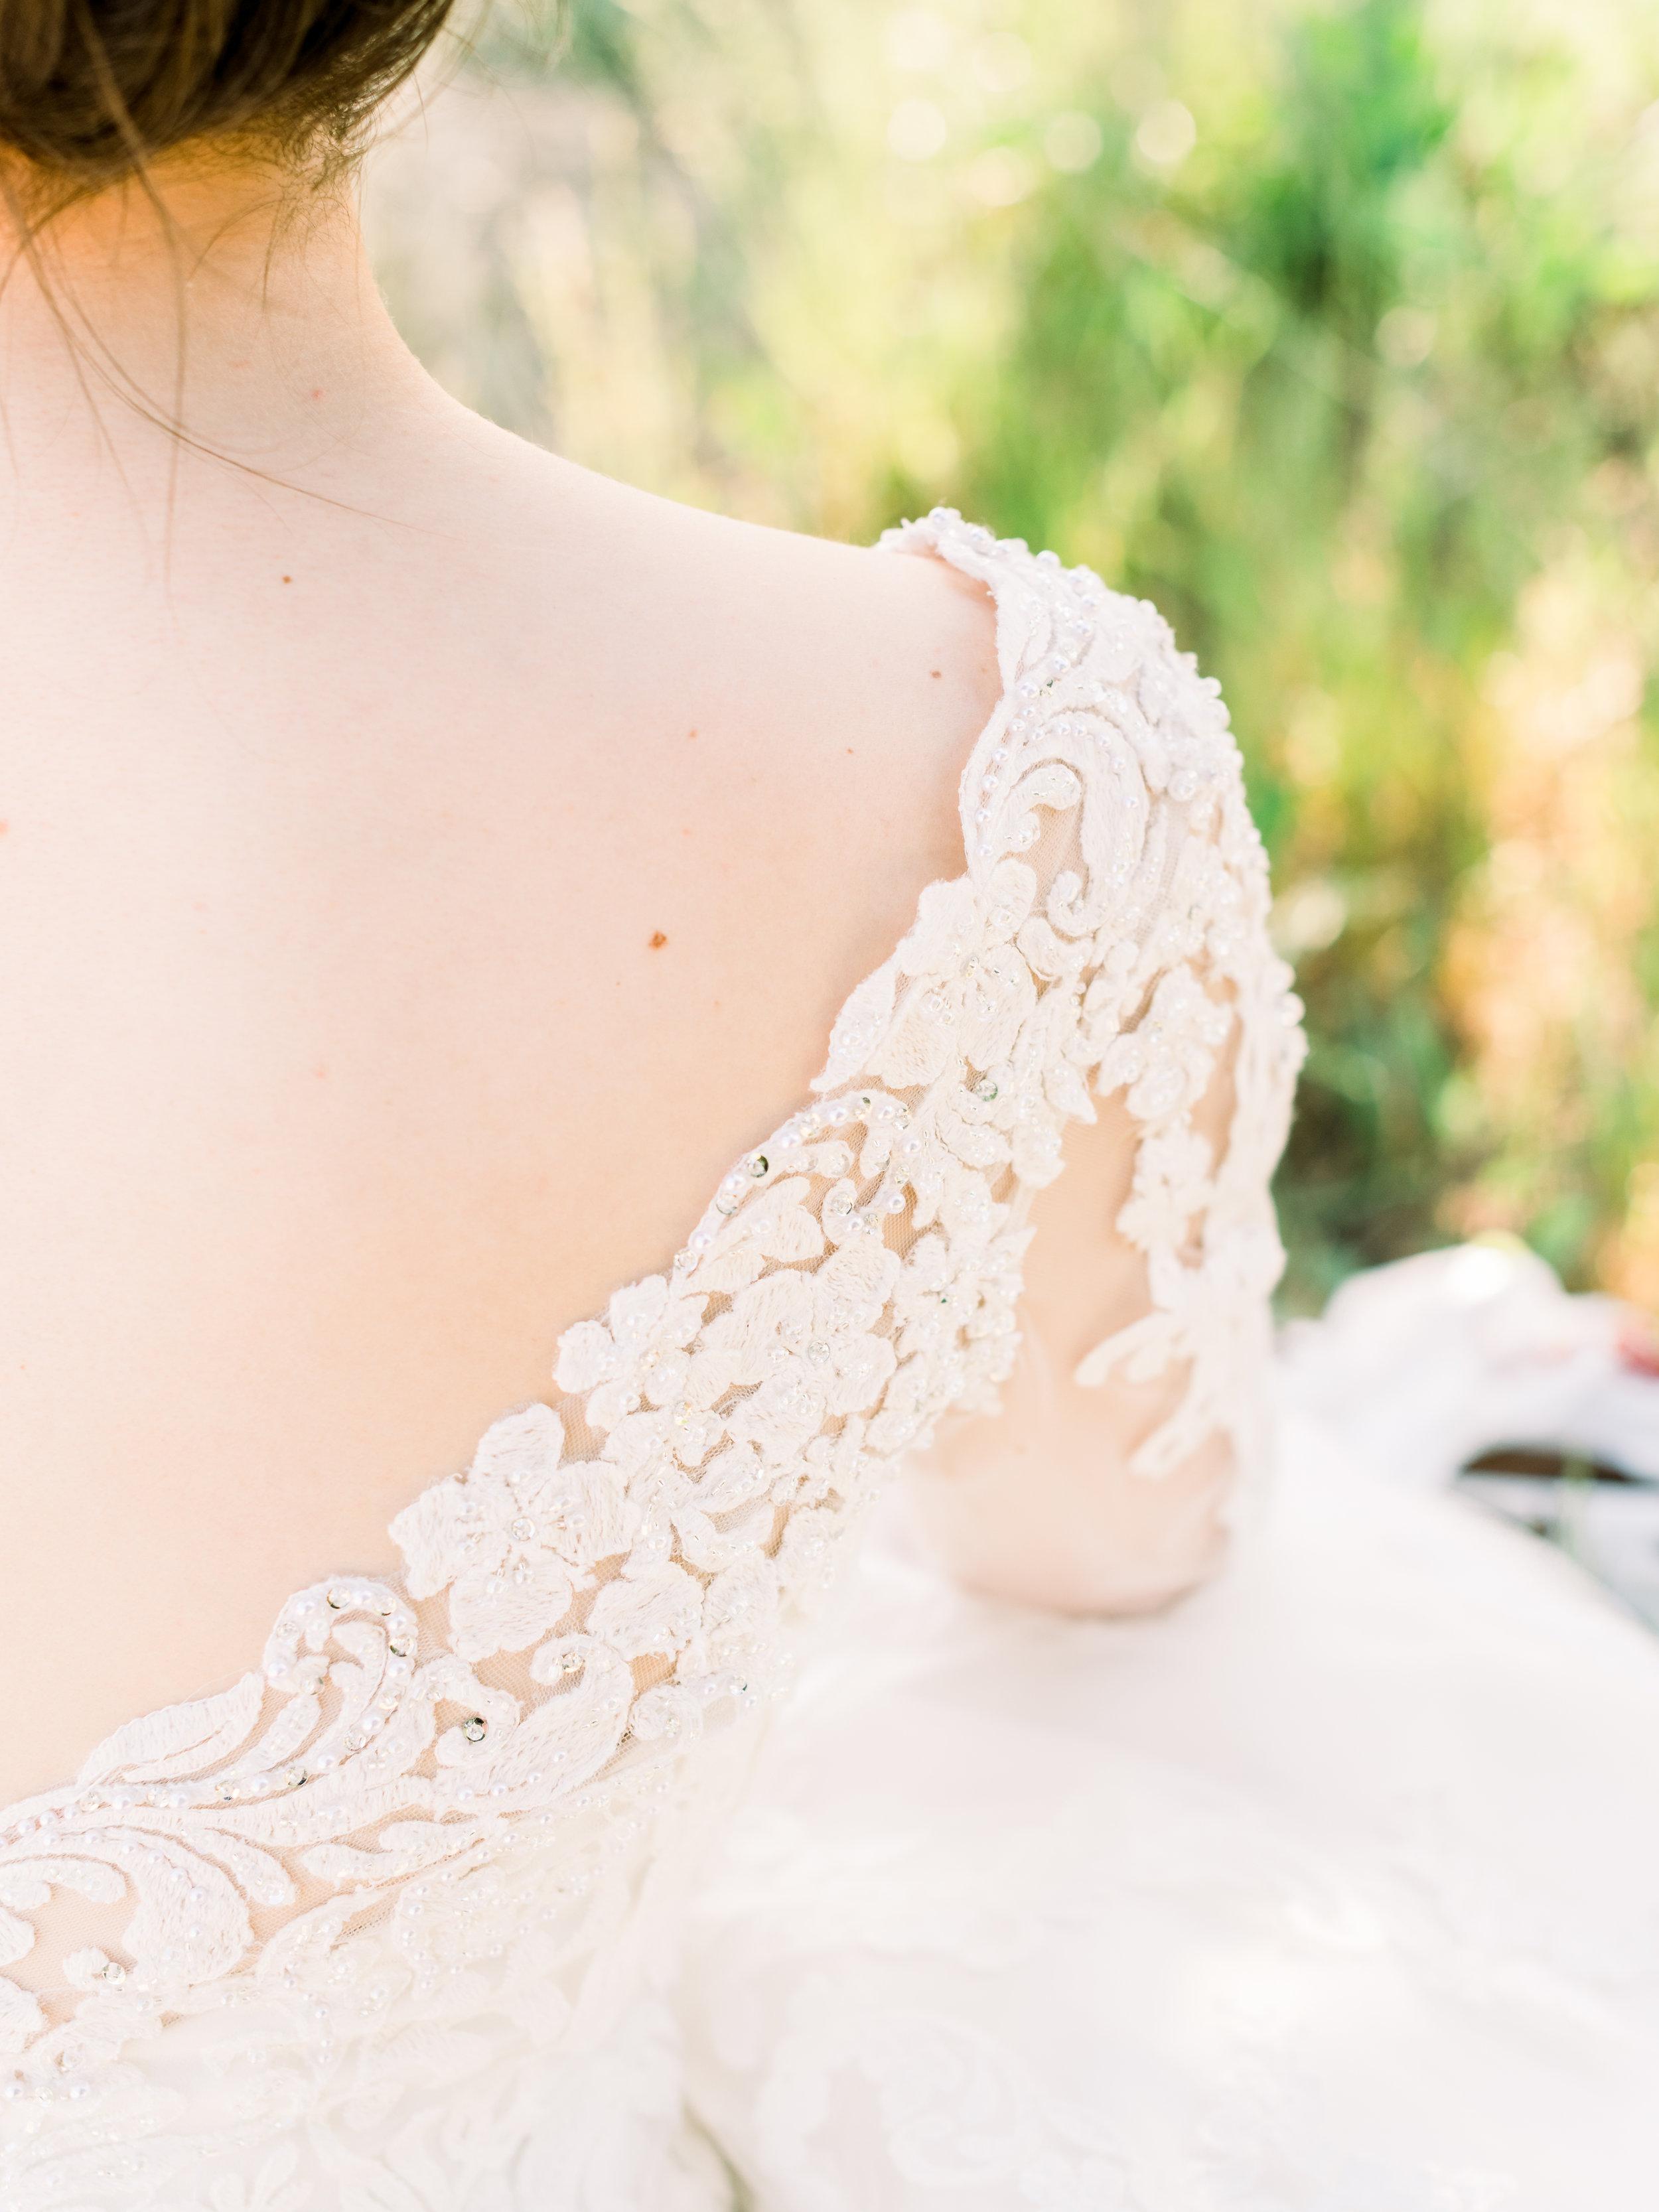 beauty-portrait-of-the-bride.jpg